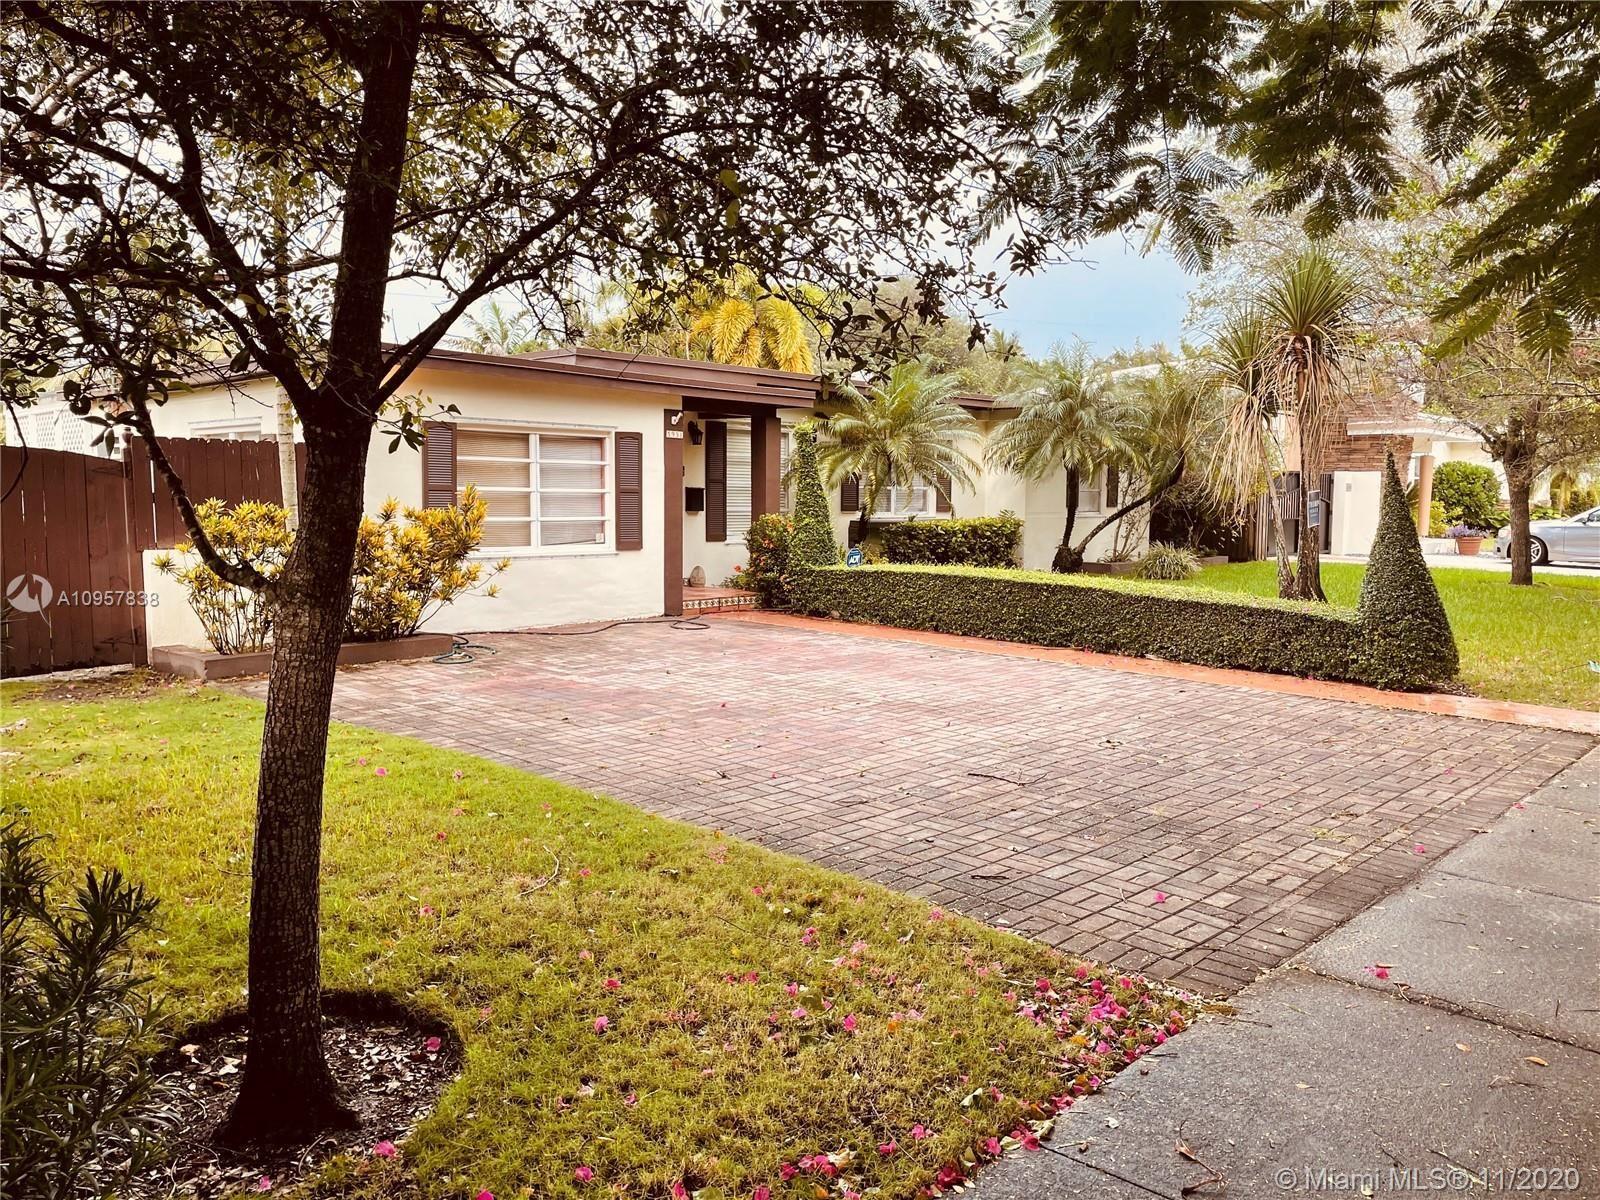 5931 SW 48th St, Miami, FL 33155 - #: A10957838